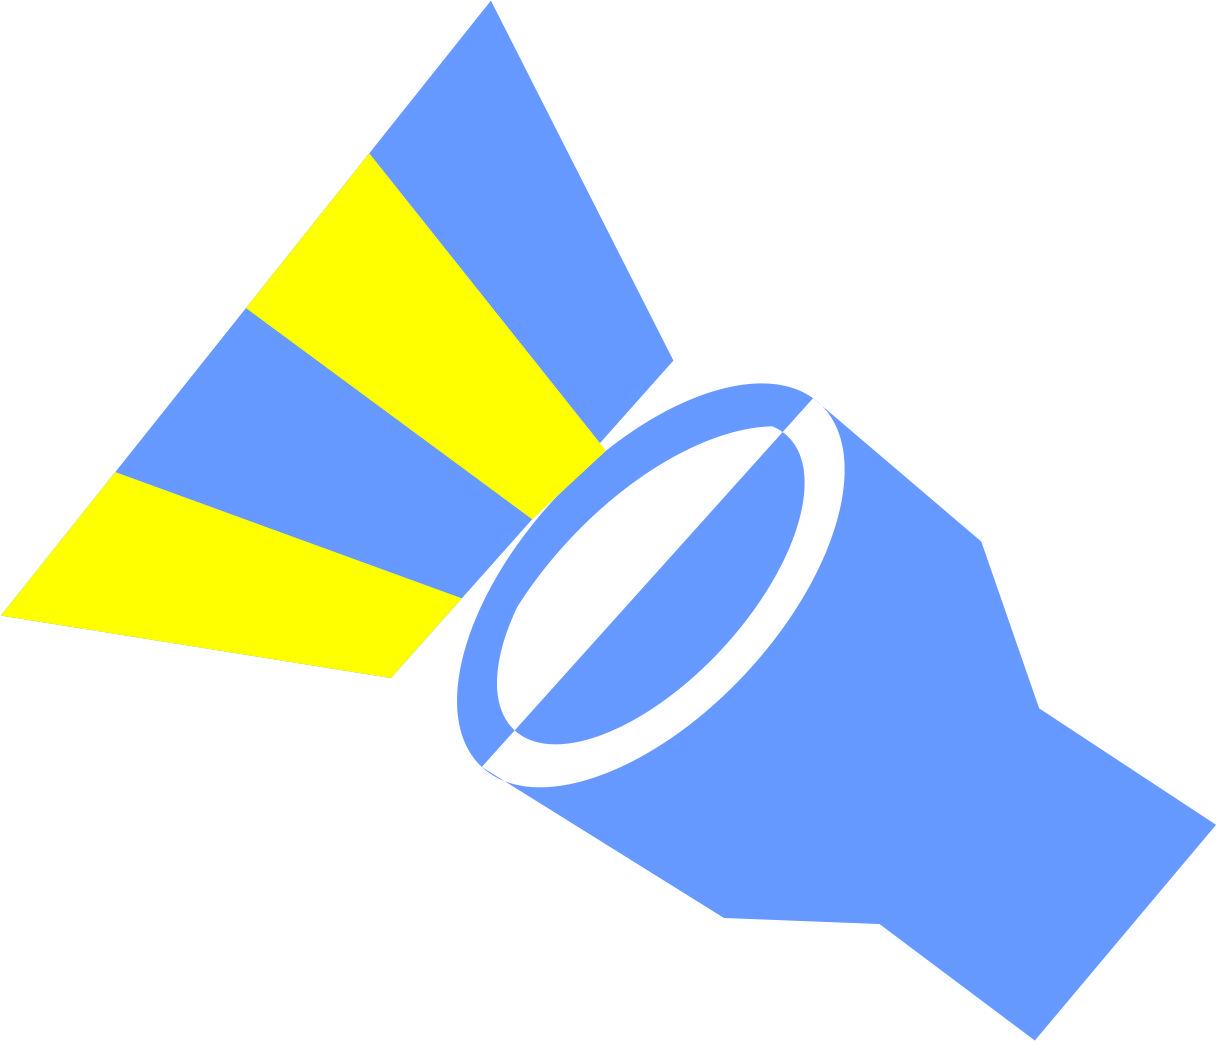 Логотип для новостного сайта  фото f_0585b6d1e249ddb5.jpg